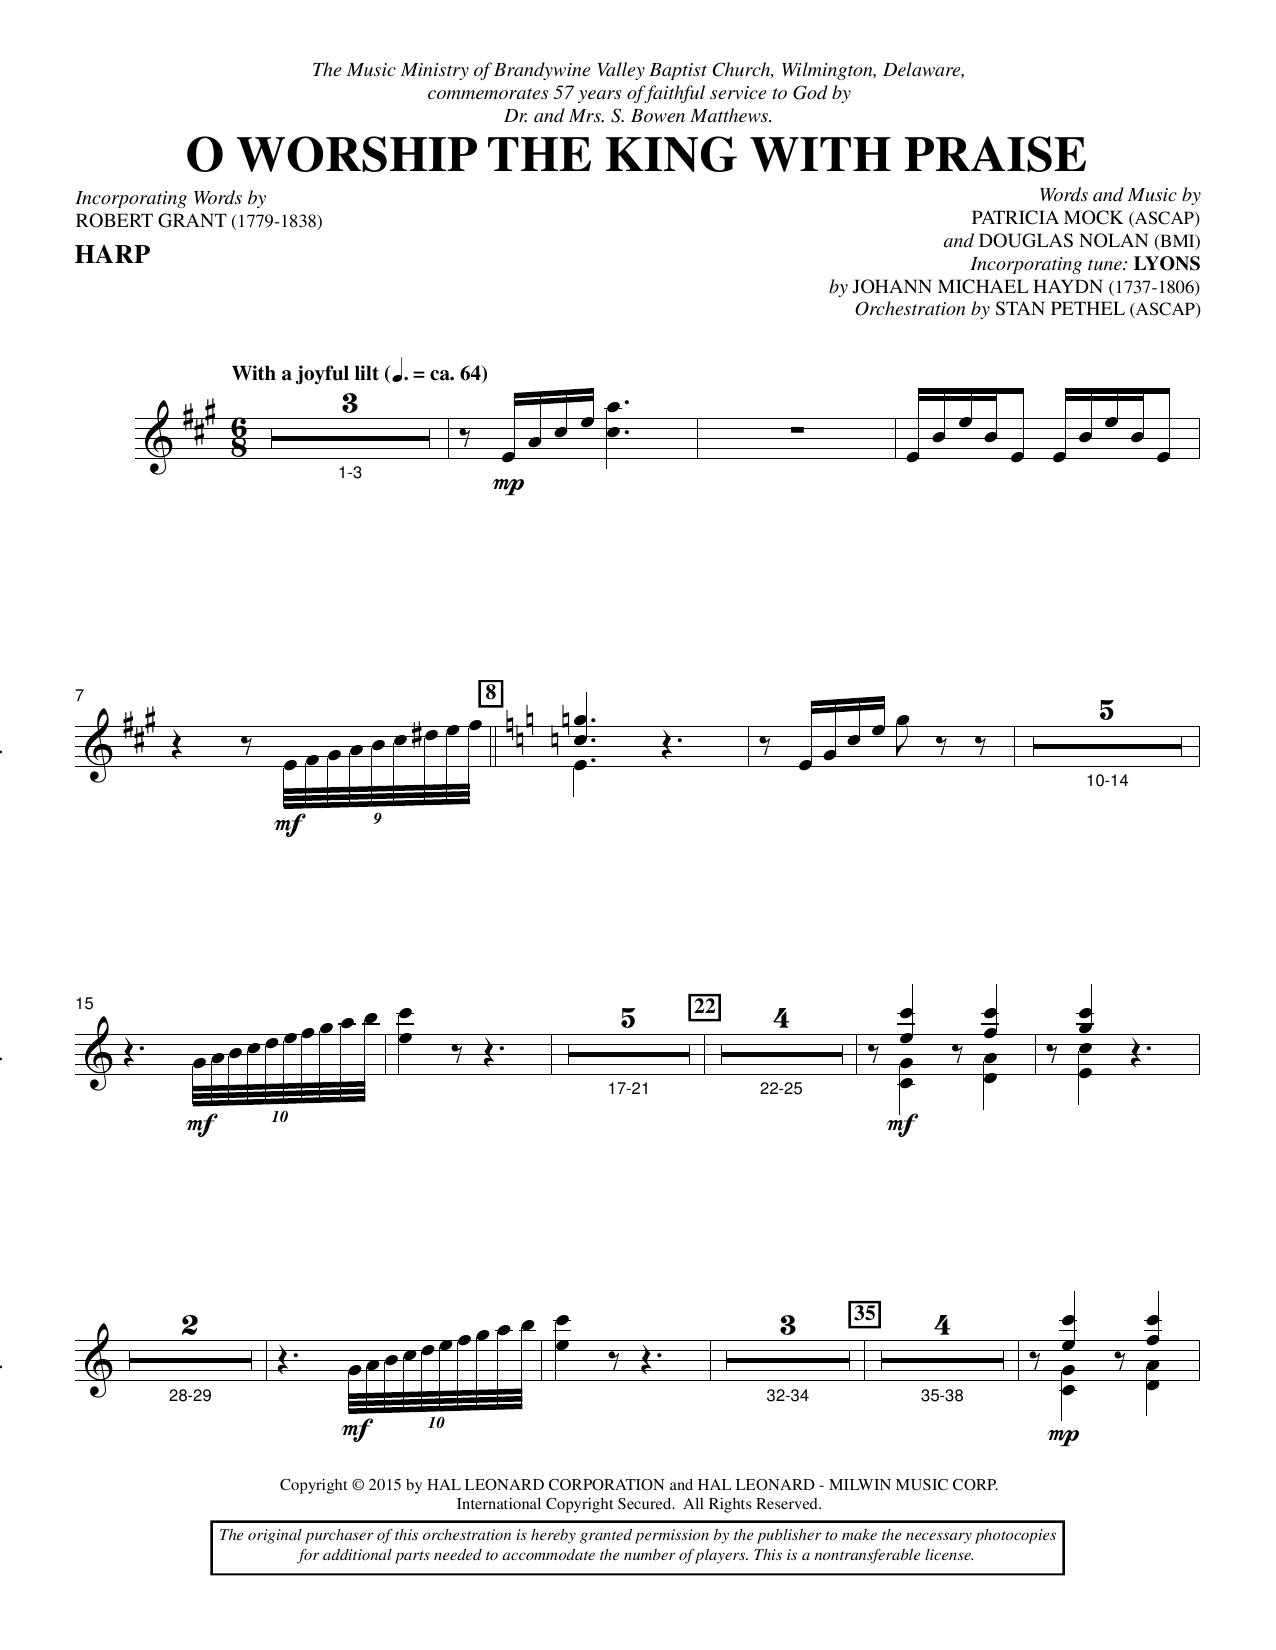 O Worship the King with Praise - Harp sheet music